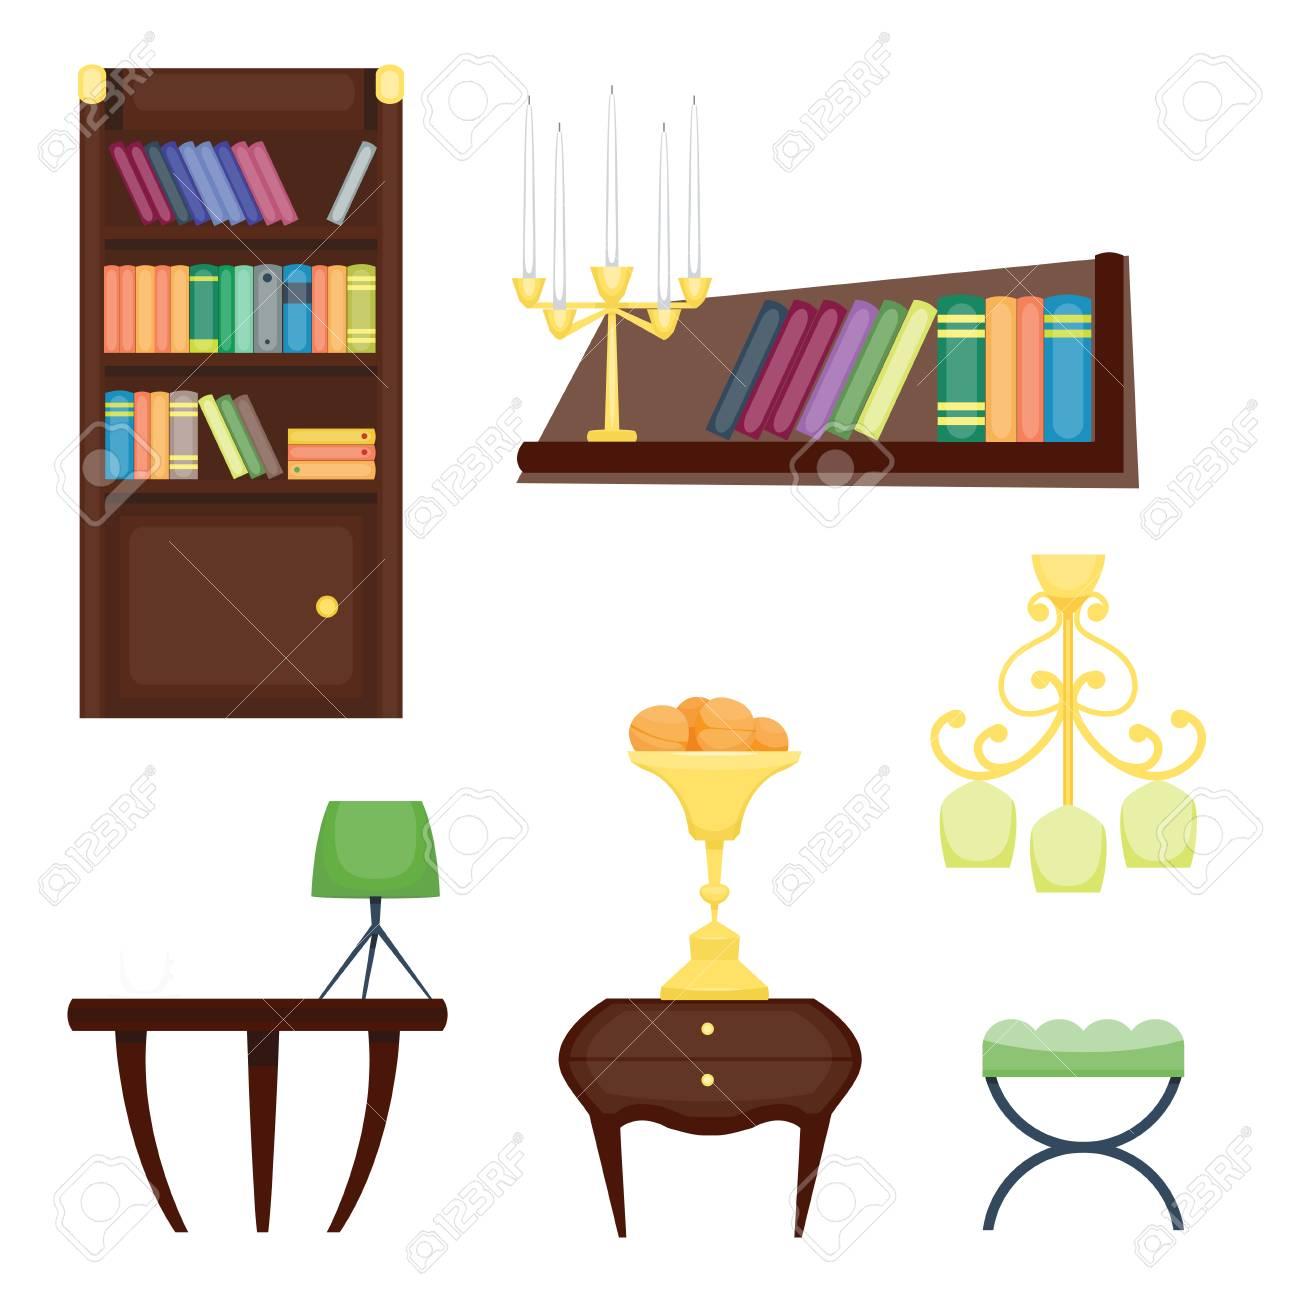 Los Elementos De La Decoración Del Diseño De La Sala De Muebles Y El ...